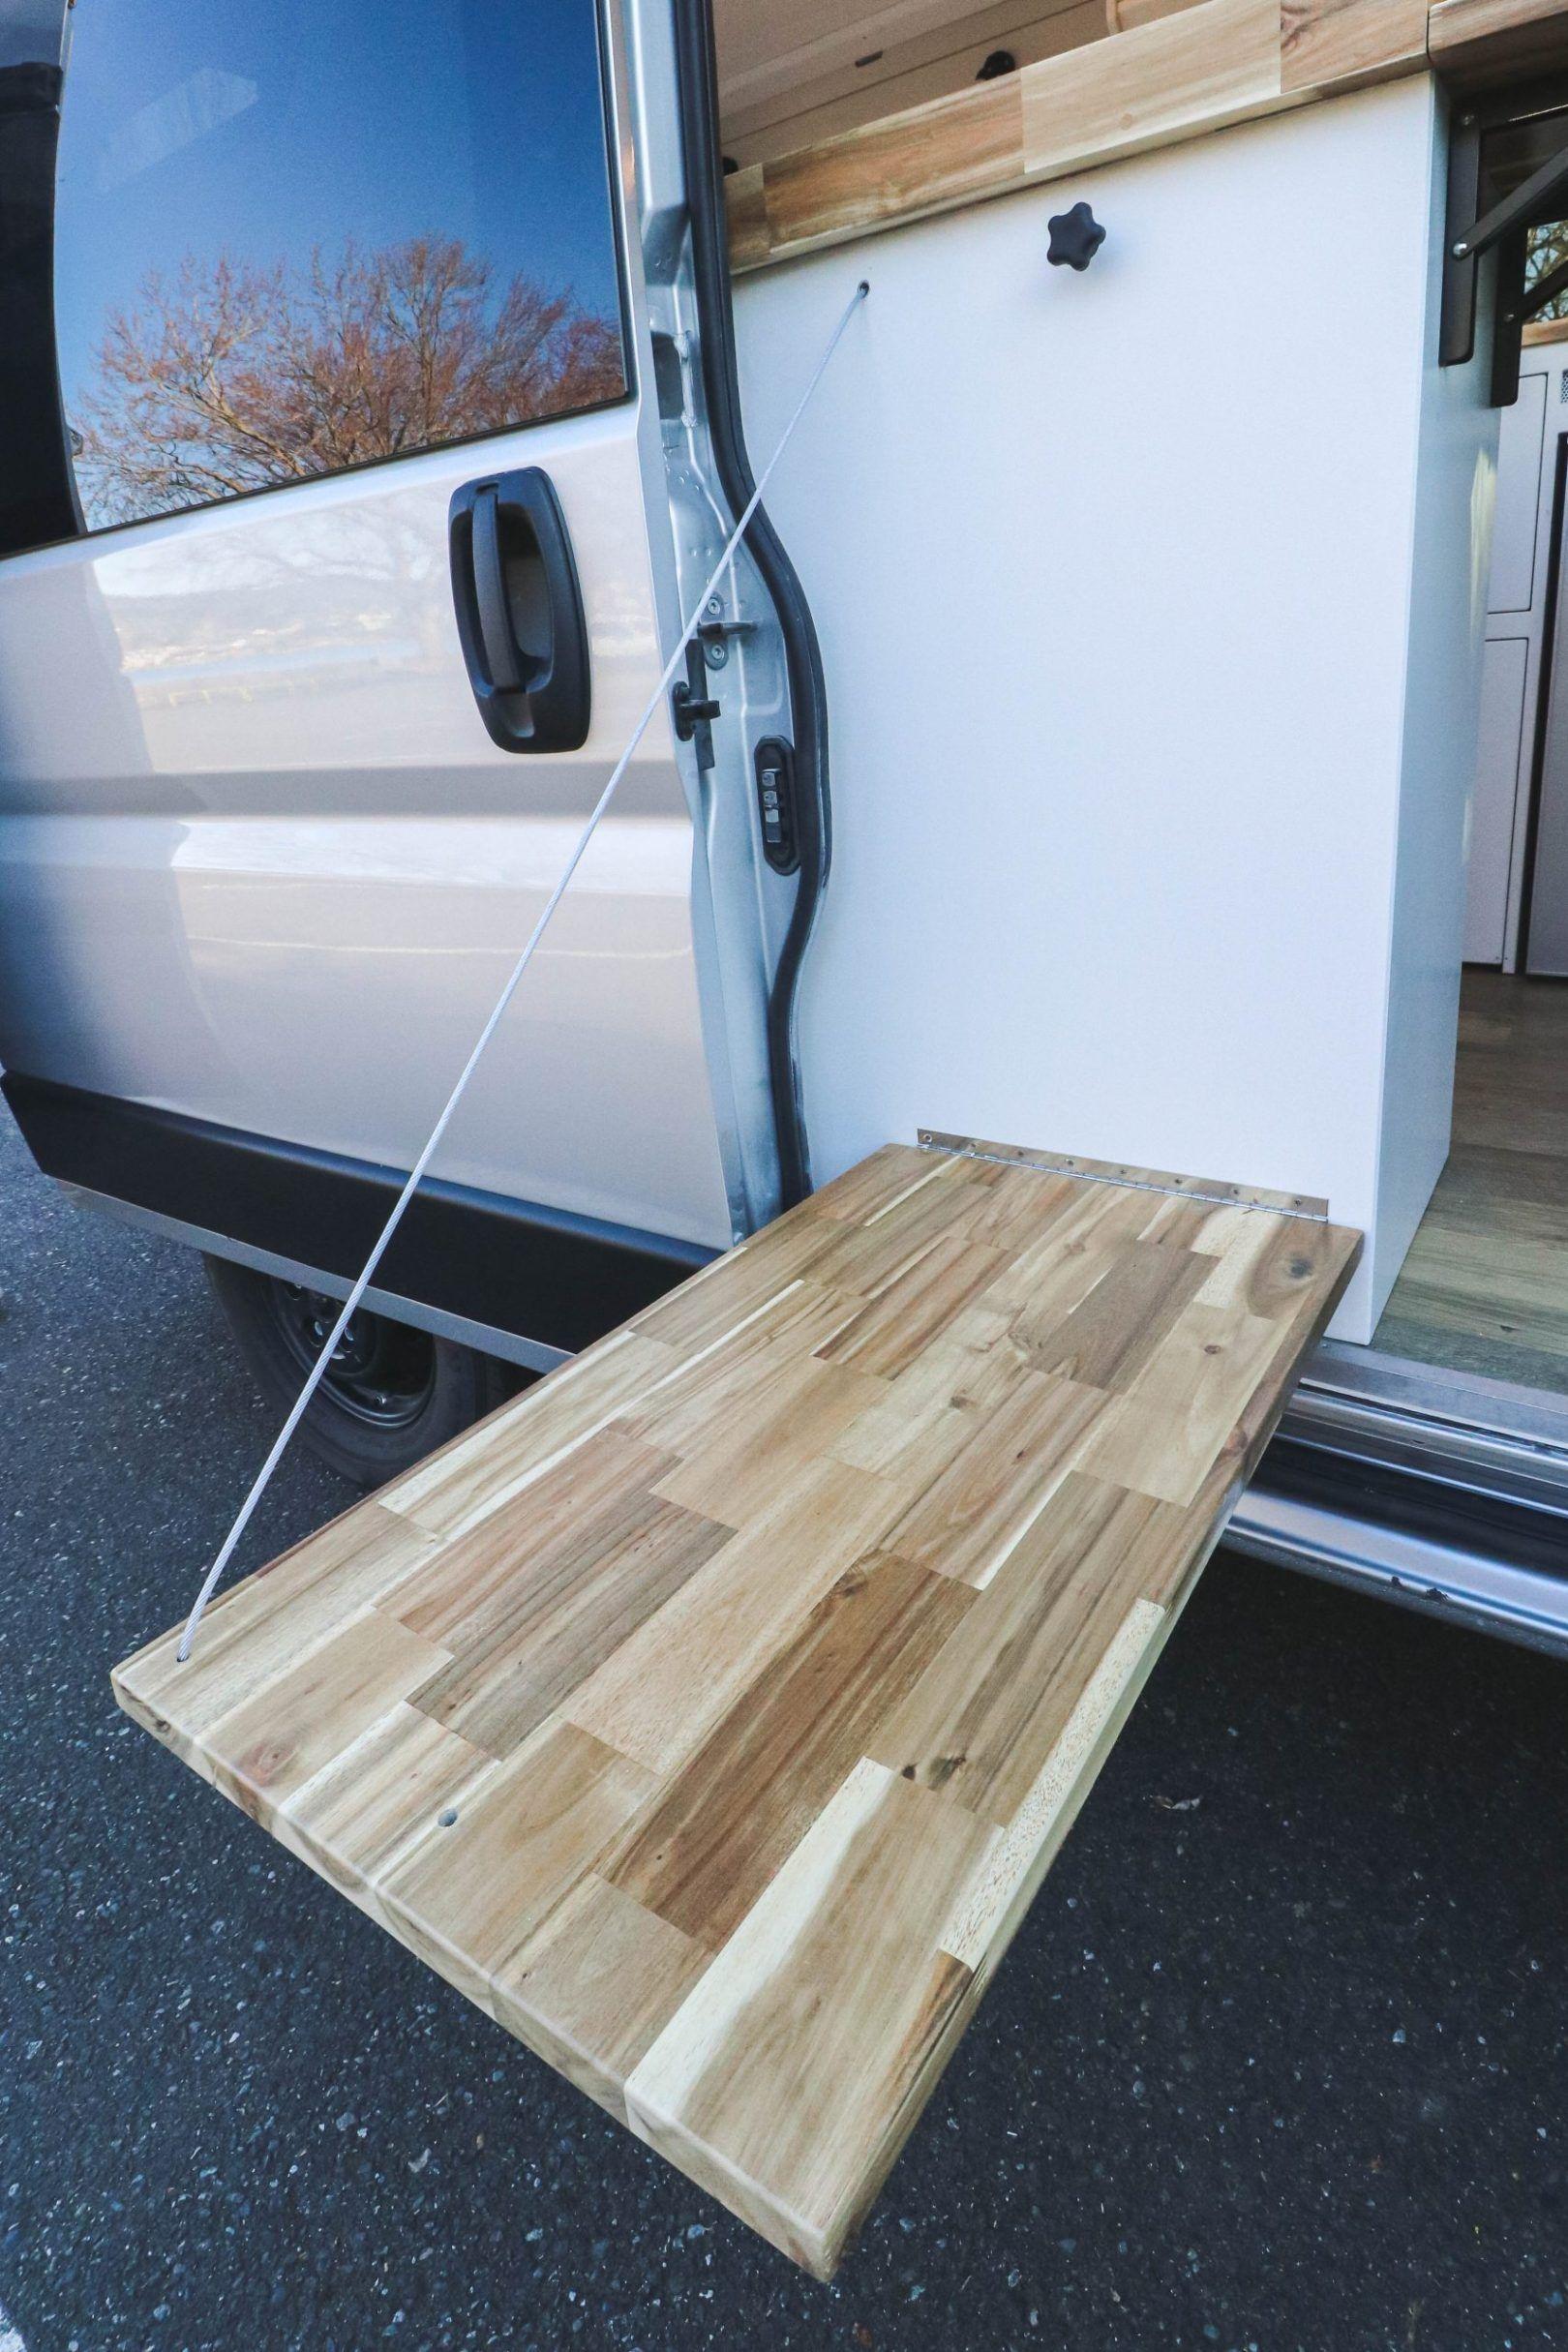 Chongo Freedom Vans Build A Camper Van Camper Van Conversion Diy Camper Beds